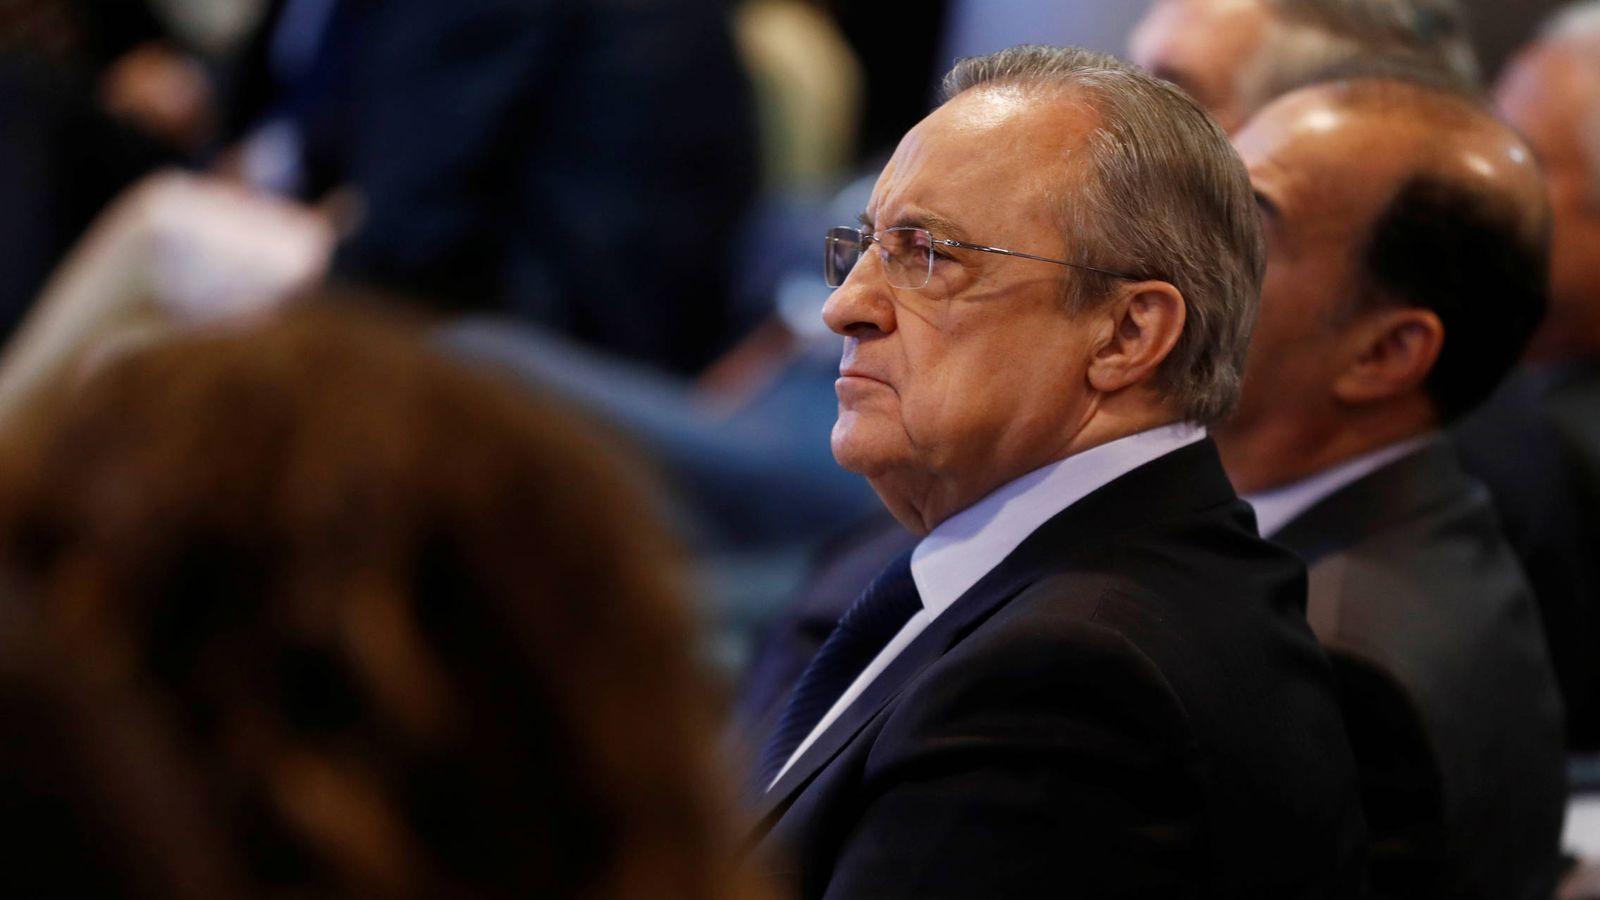 Foto: Florentino Pérez, pensativo, antes del inicio de un acto. (Reuters)